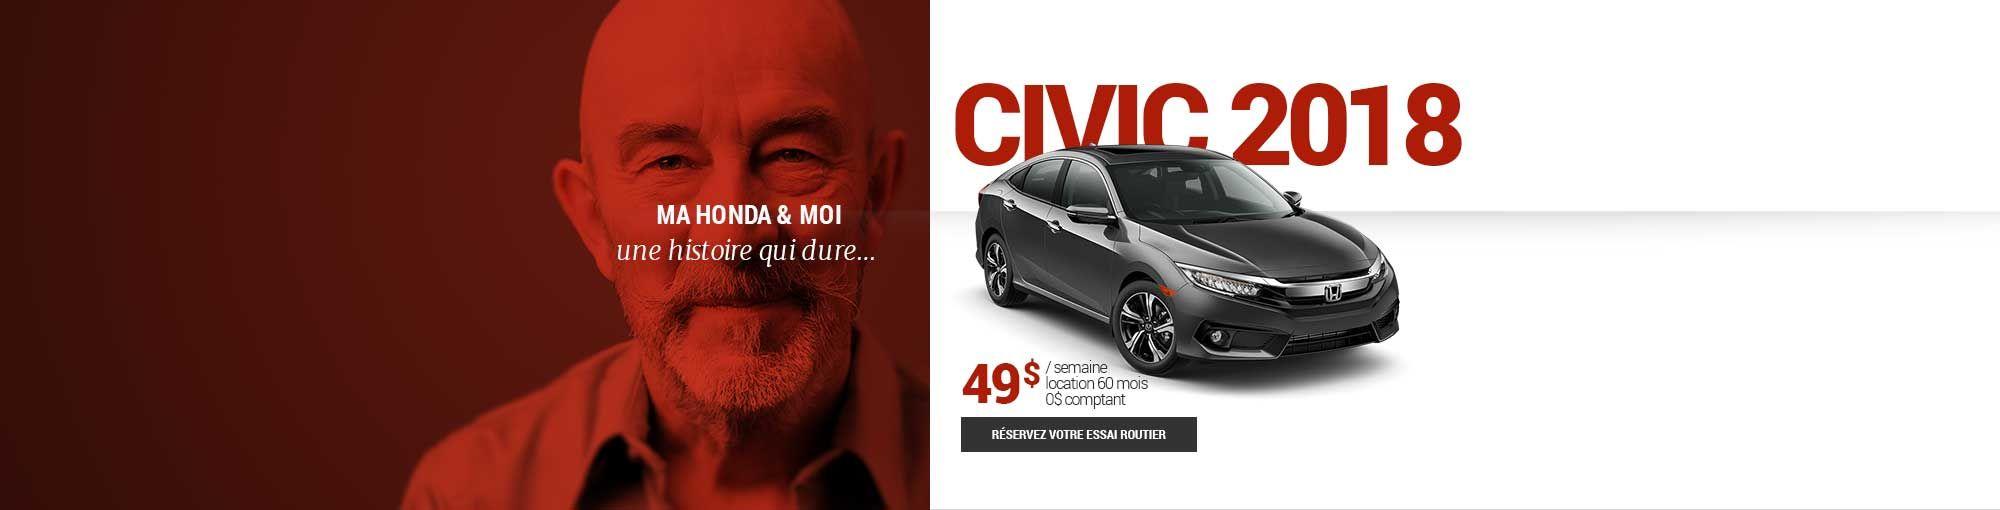 Civic 2018 - mai 2018